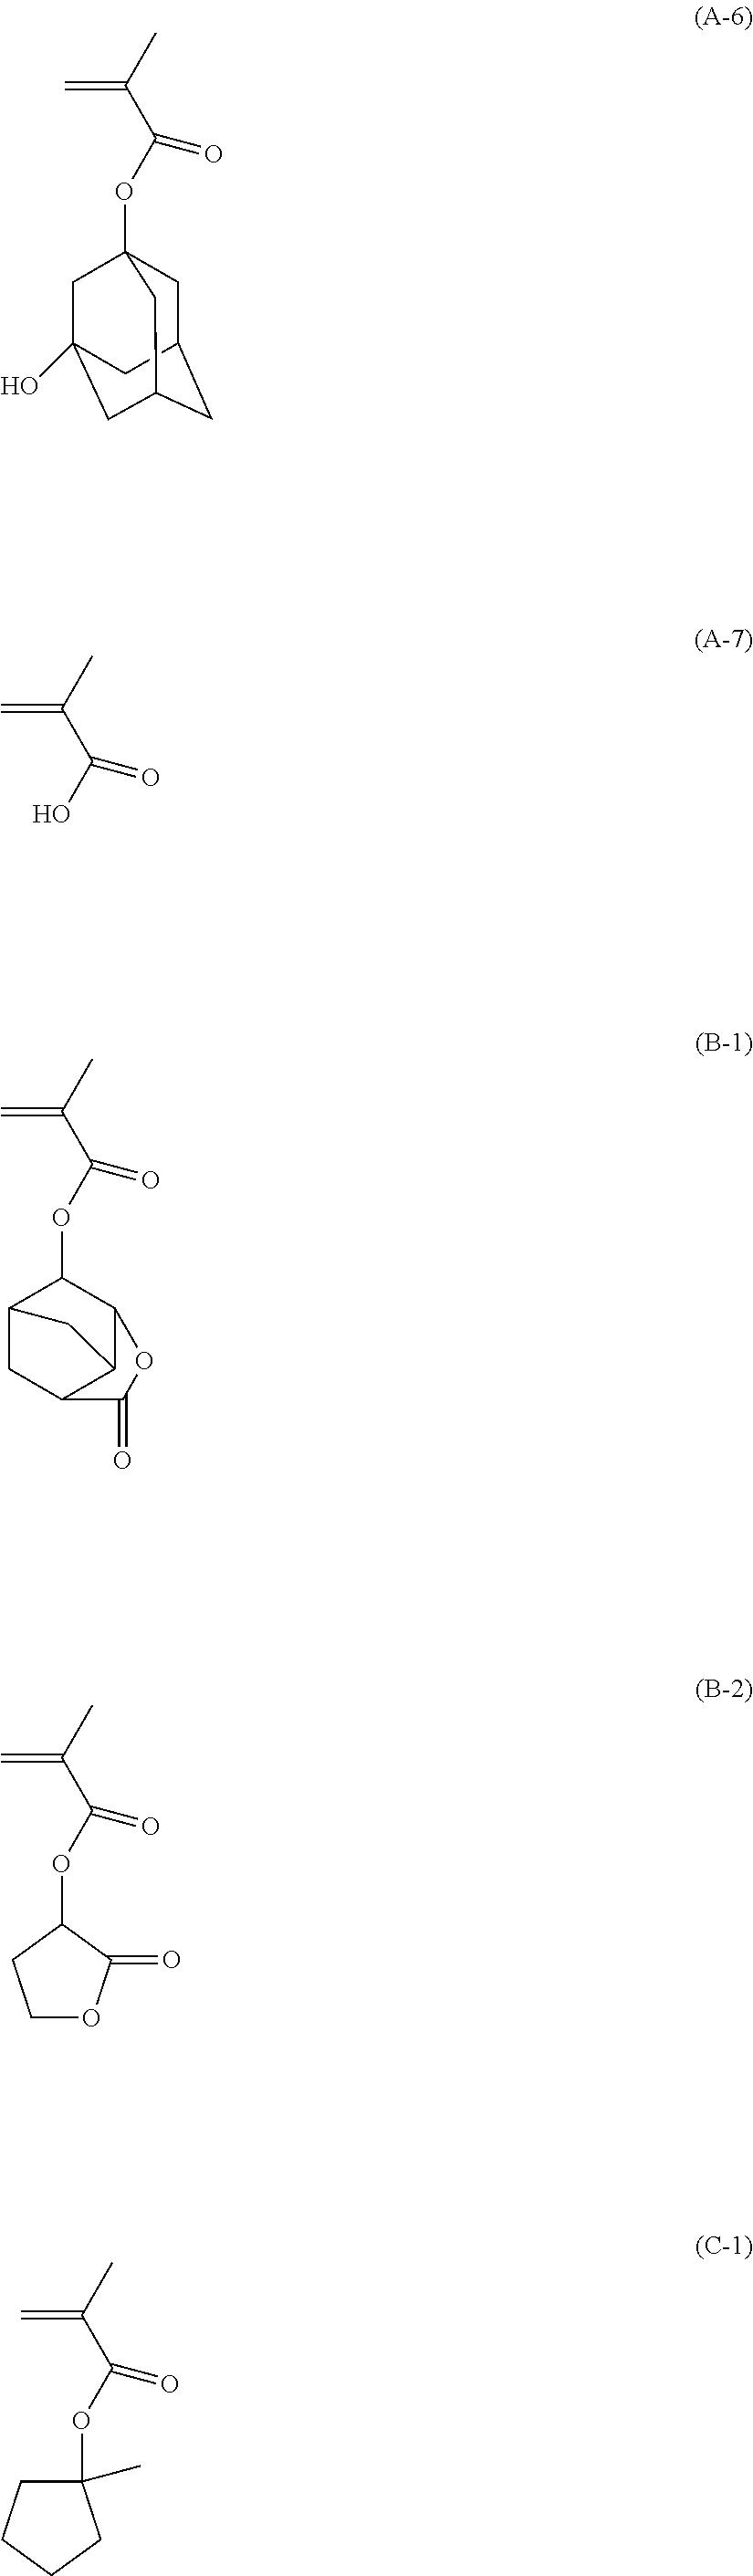 Figure US09488914-20161108-C00169